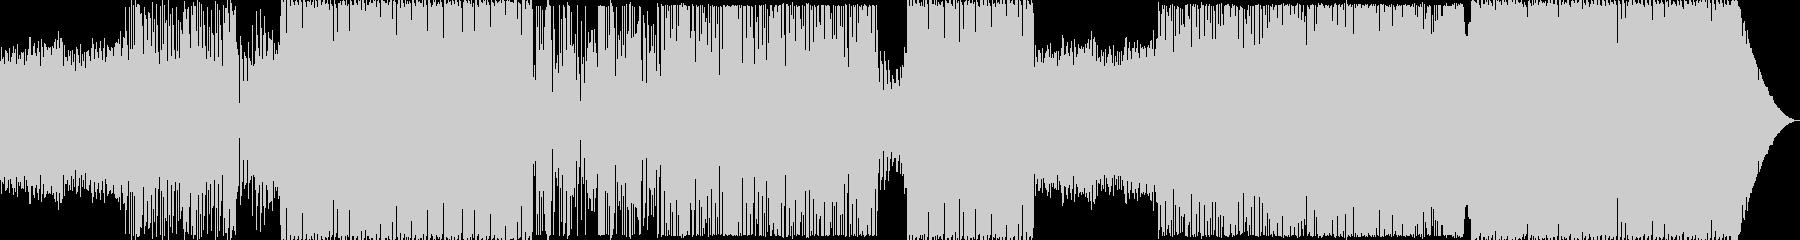 ムーディーなEDMの未再生の波形